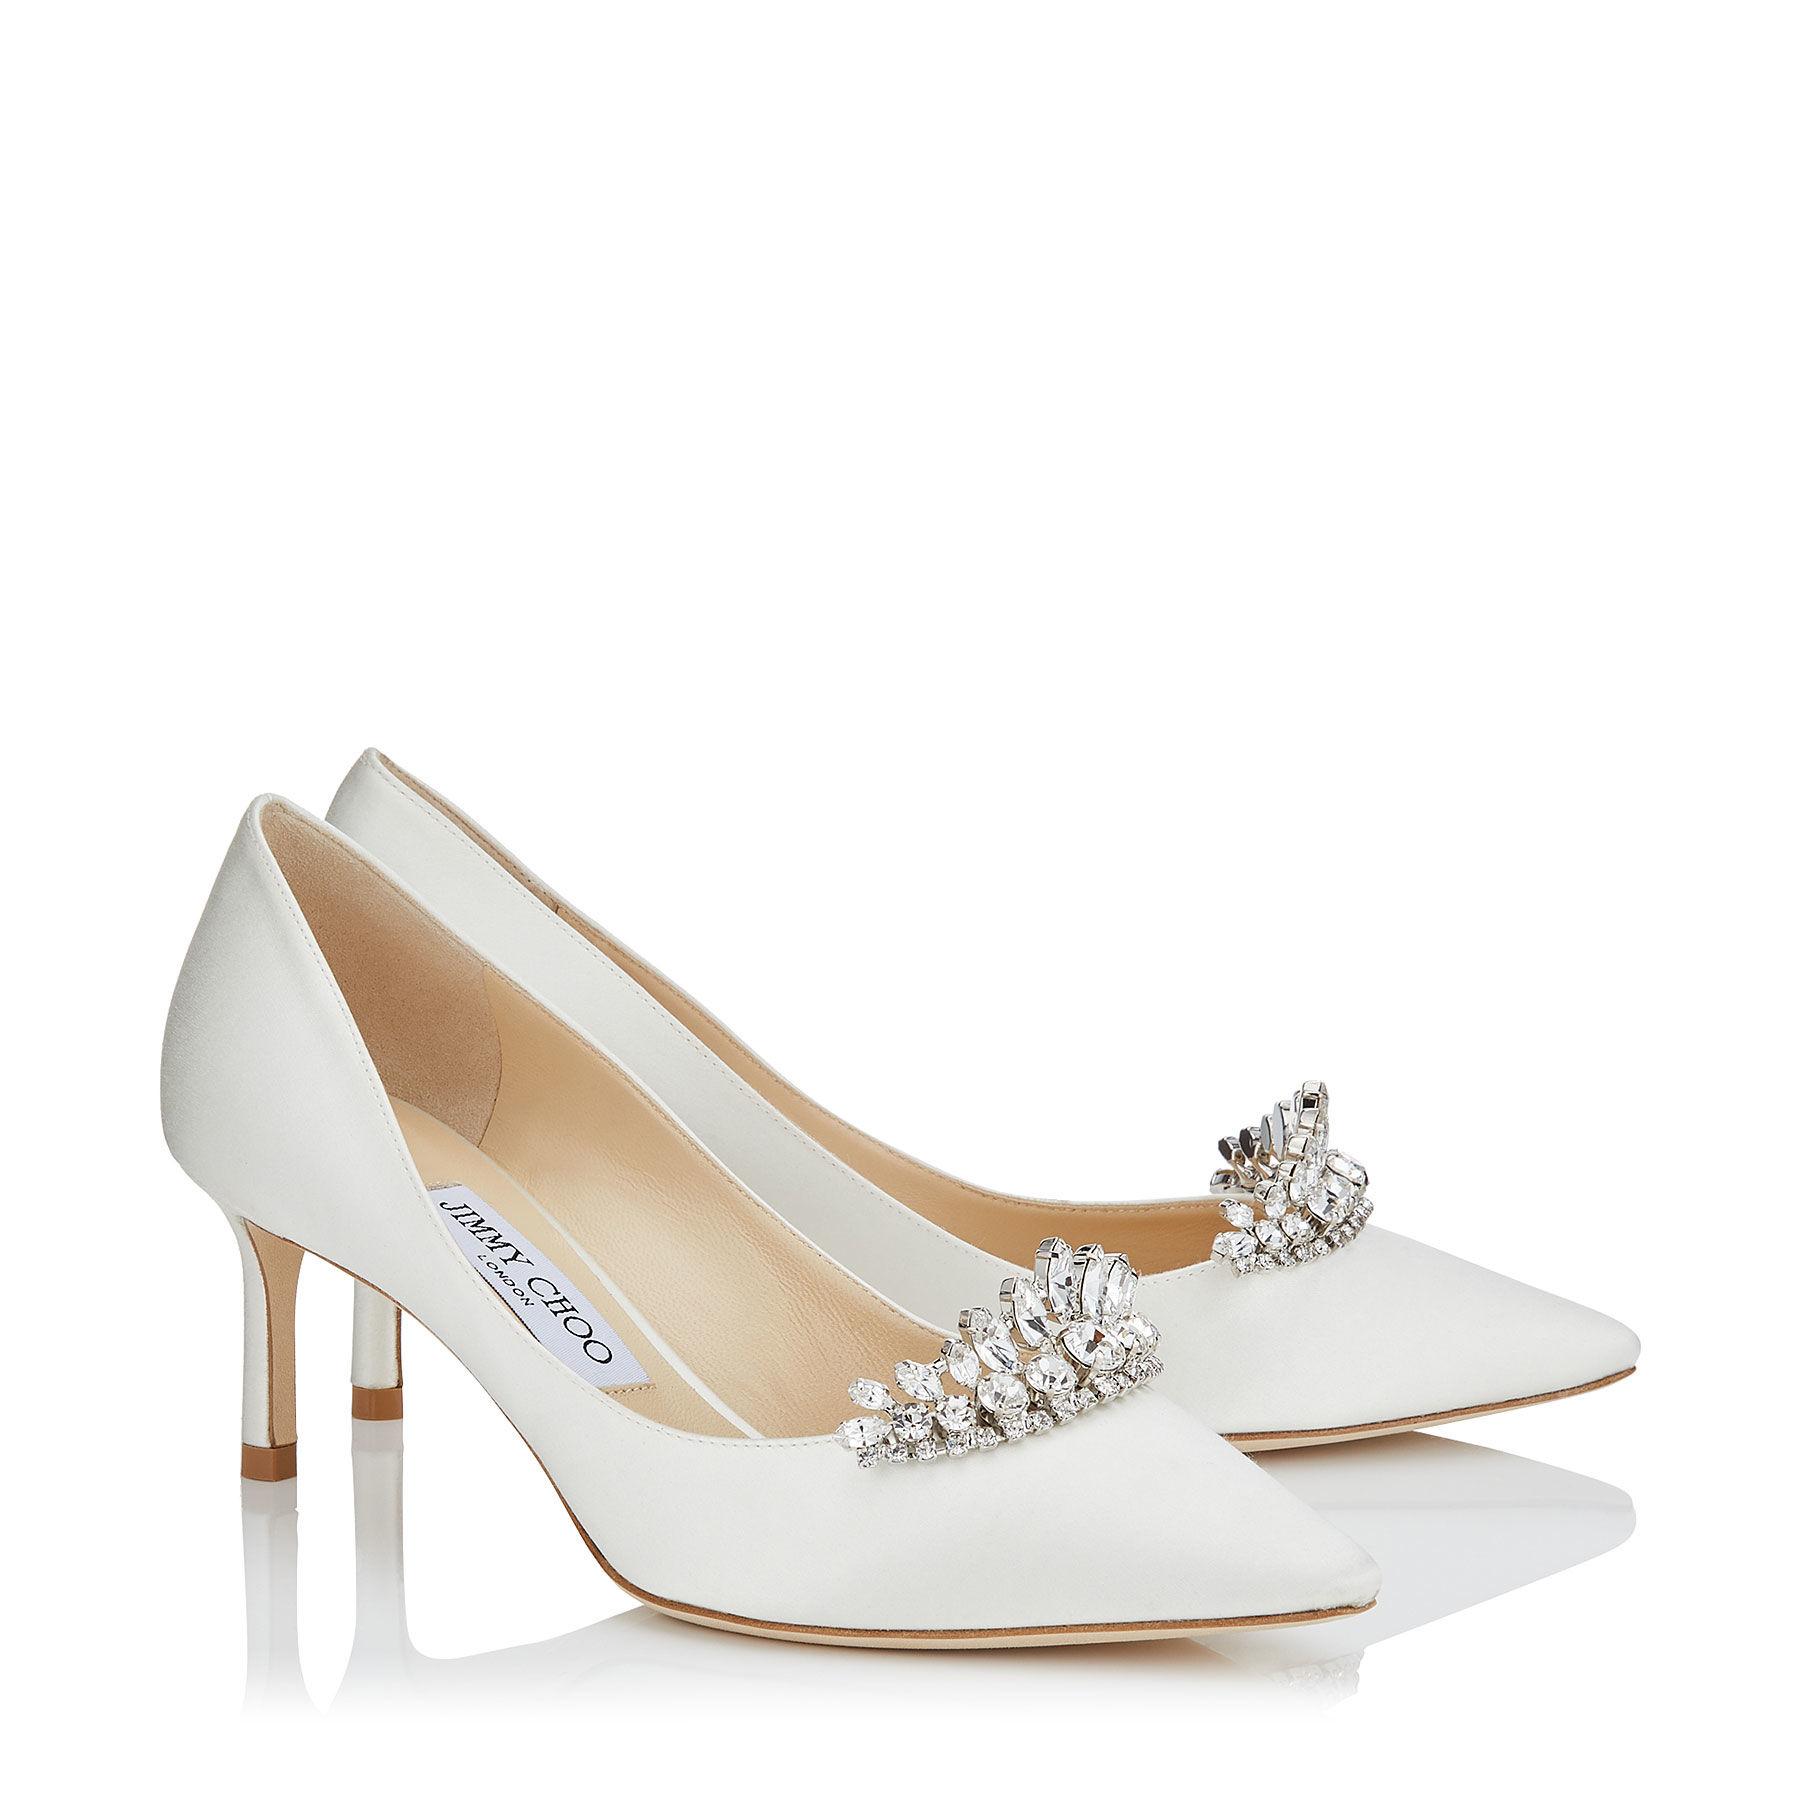 Scarpe da sposa gioiello a punta Jimmy Choo collezione 2018